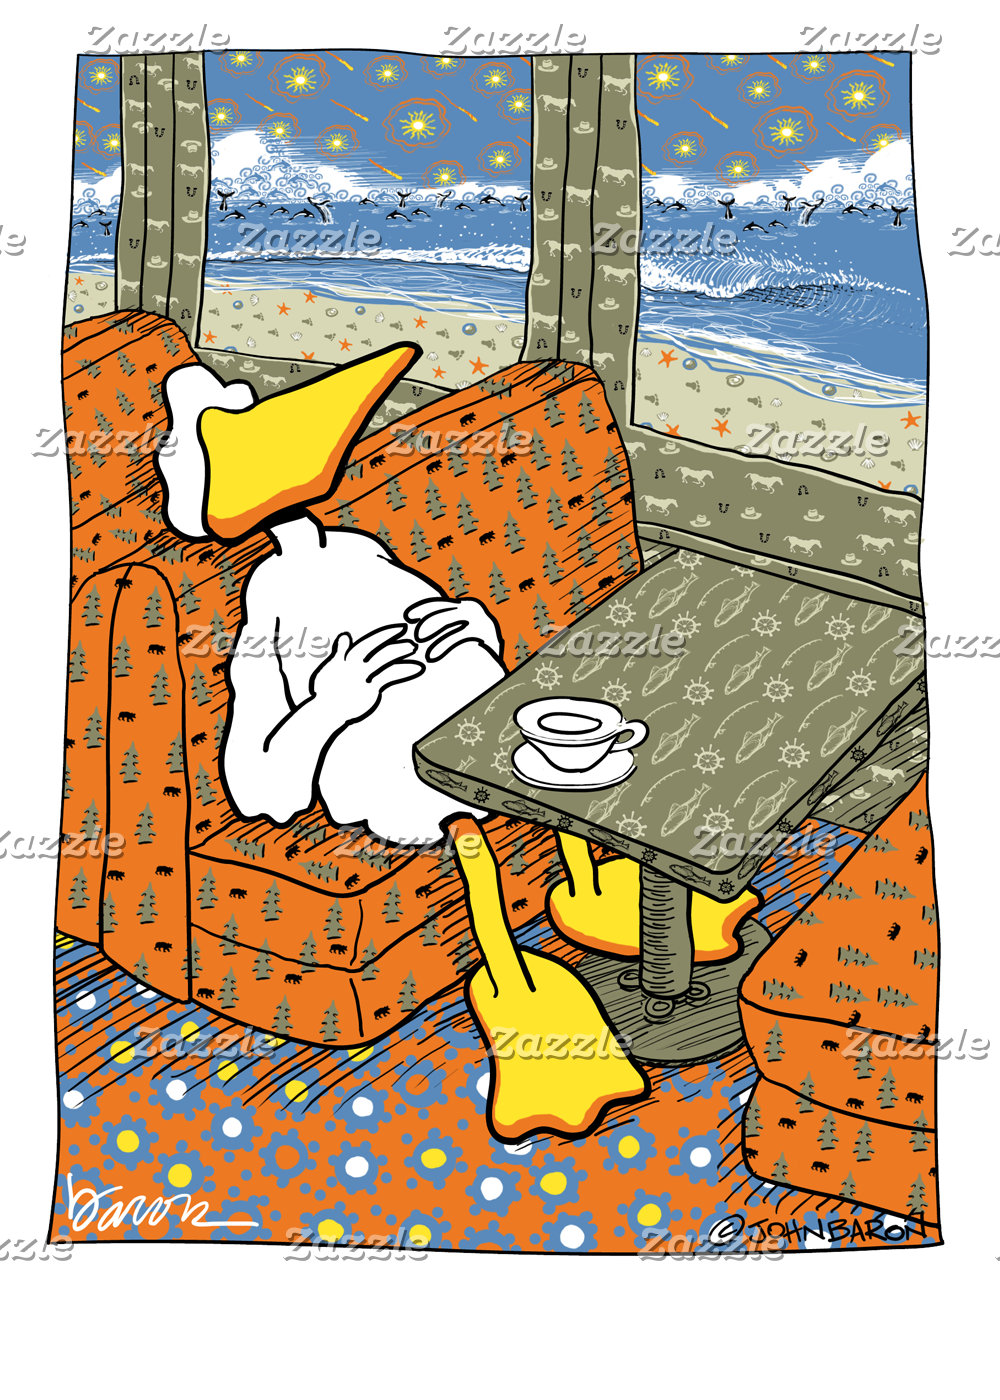 Duckaffeinated Dream